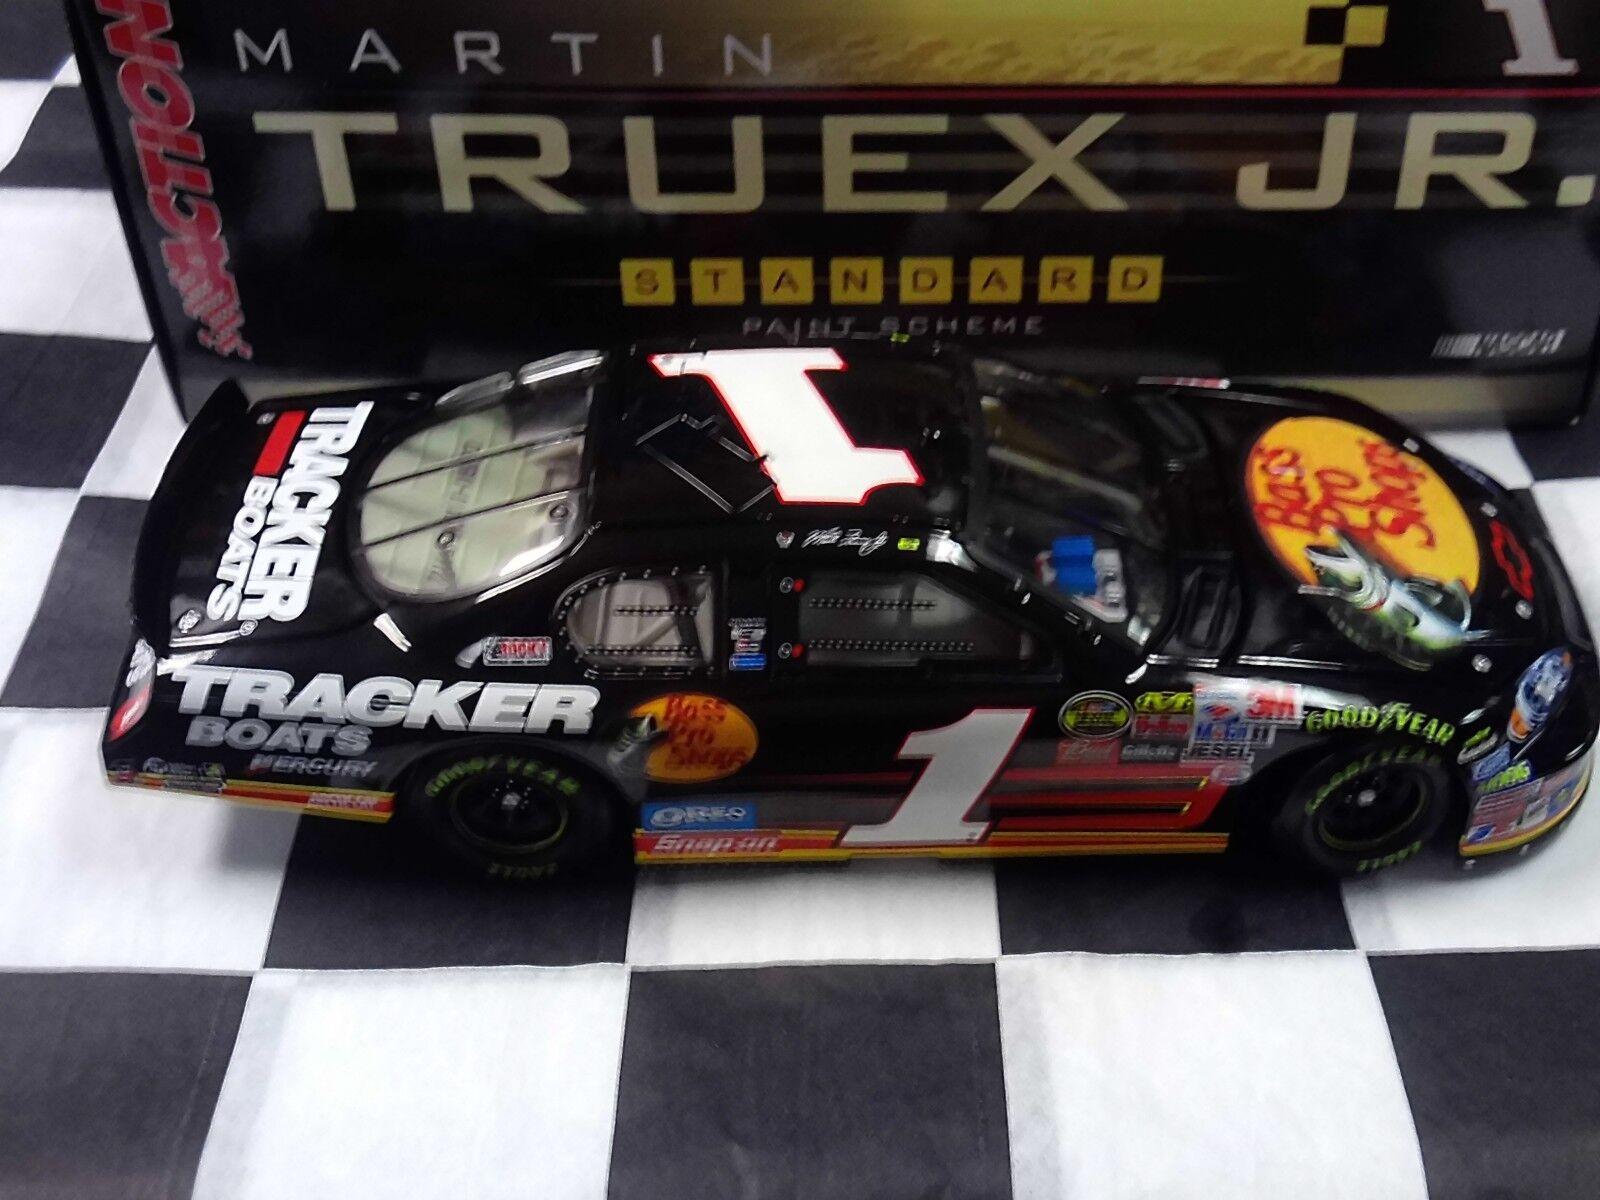 Martin Truex Jr  1 Bass Pro Shops 2006 2006 2006 Monte Carlo acción coche 1 24 111005 Nascar 3d10ab